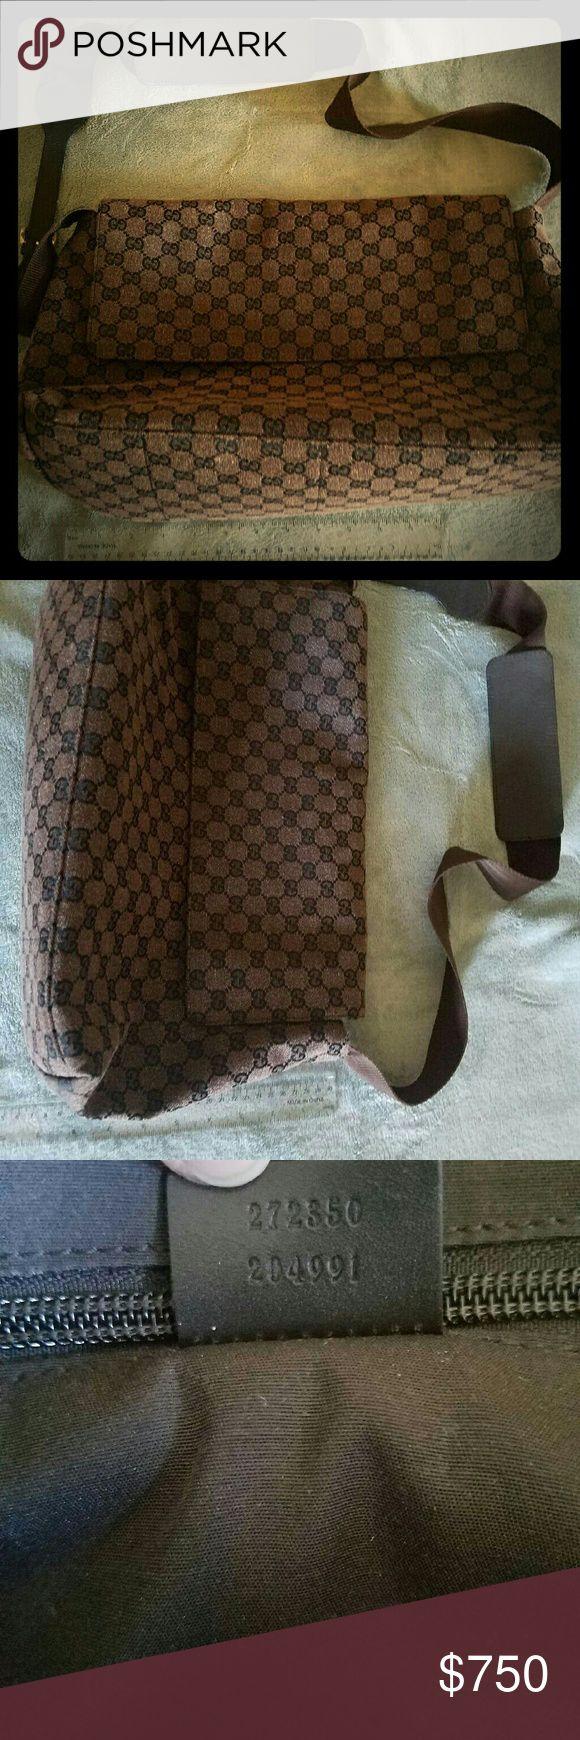 GUCCI MESSENGER BAG EUC Messenger bag Gucci Bags Crossbody Bags